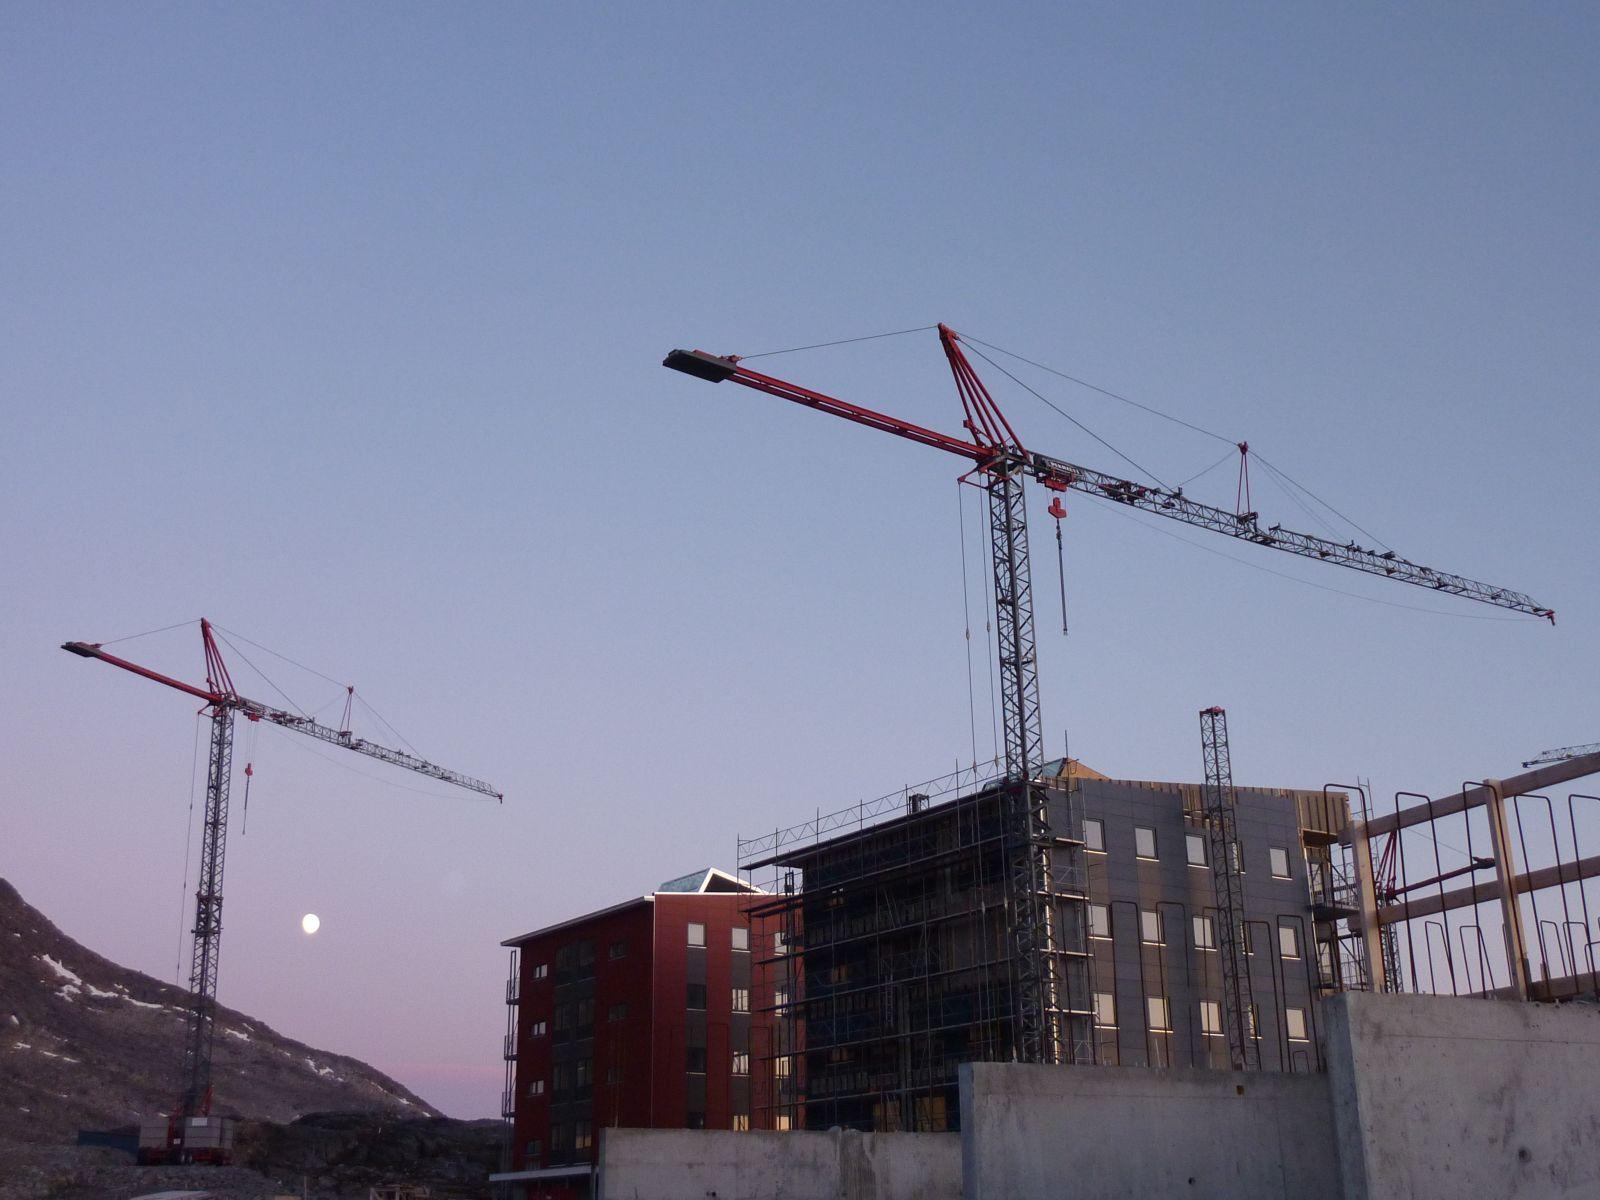 2010-05-24-2330_-_Byggekran; Månen